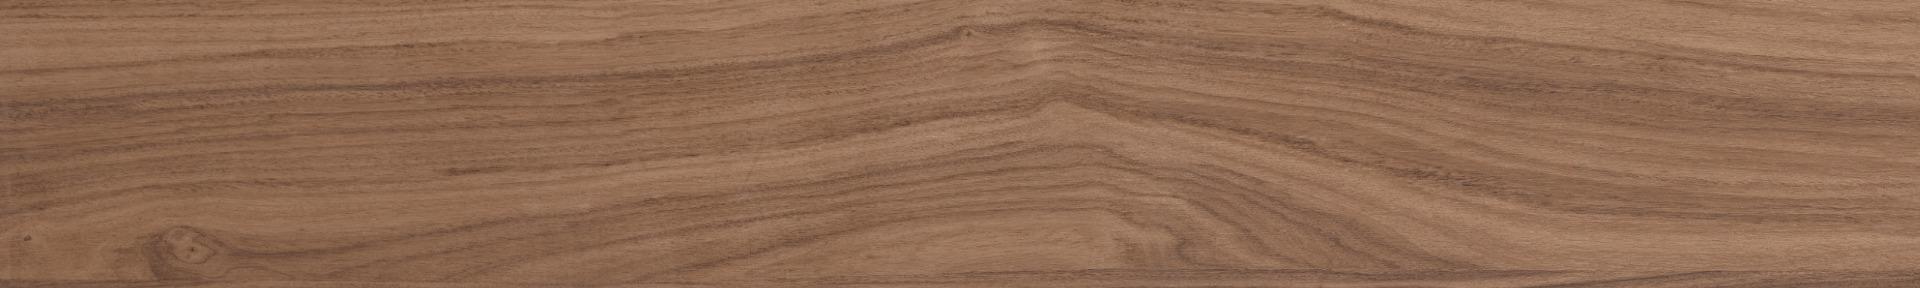 DGVT Pacific Pine Wood Beige